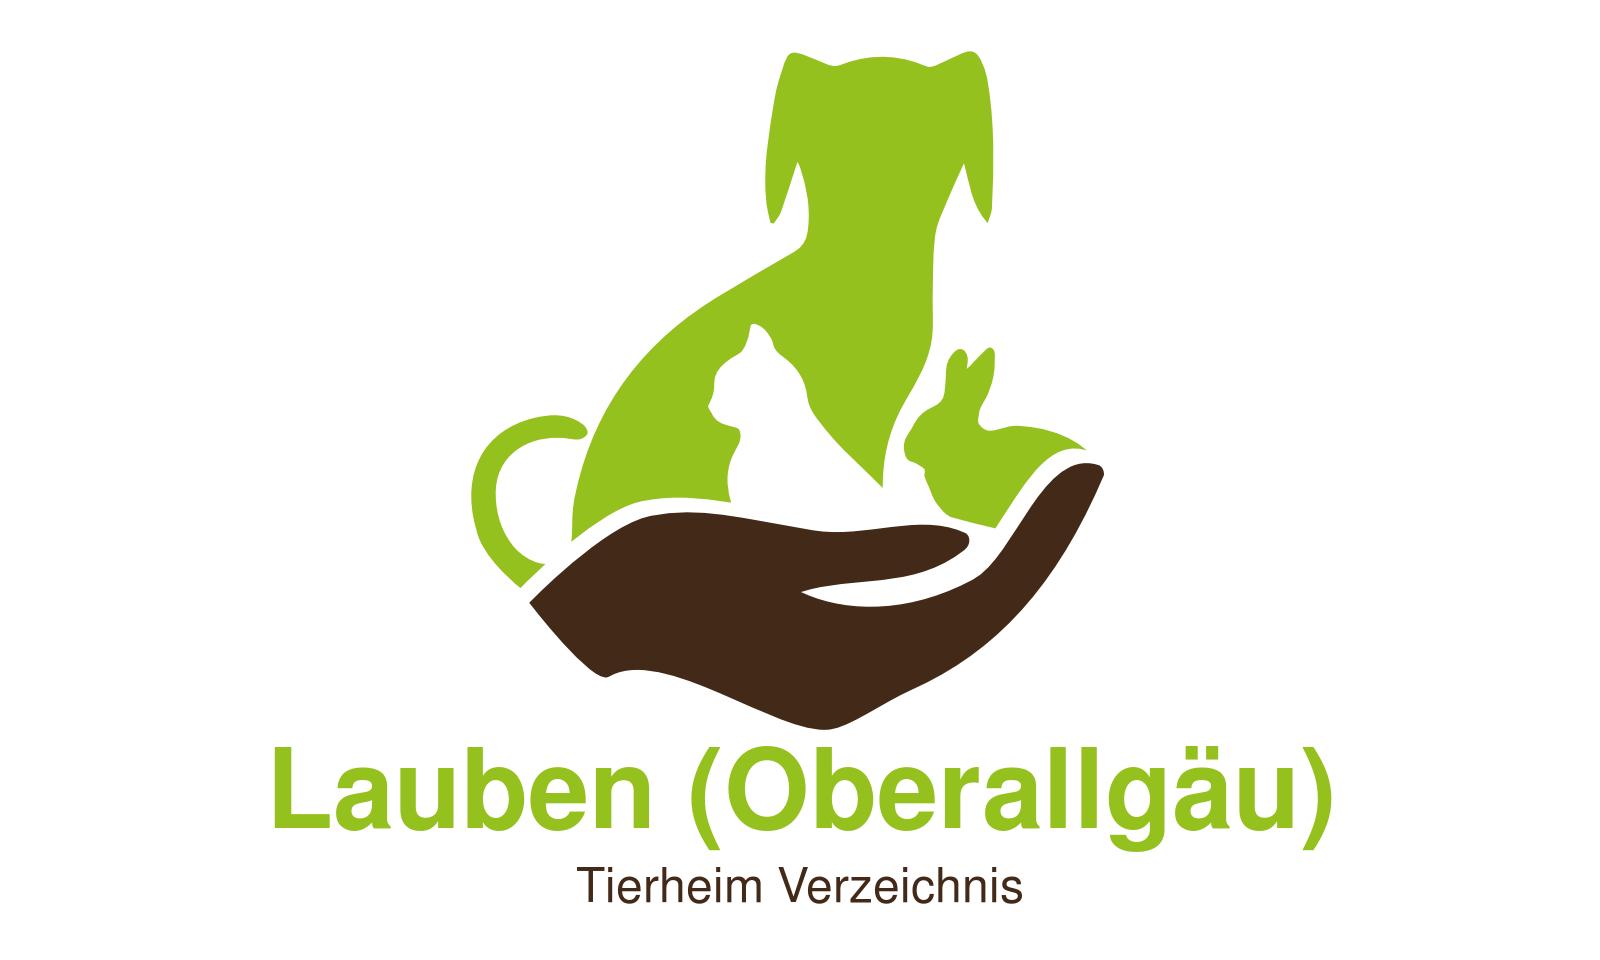 Tierheim Lauben (Oberallgäu)